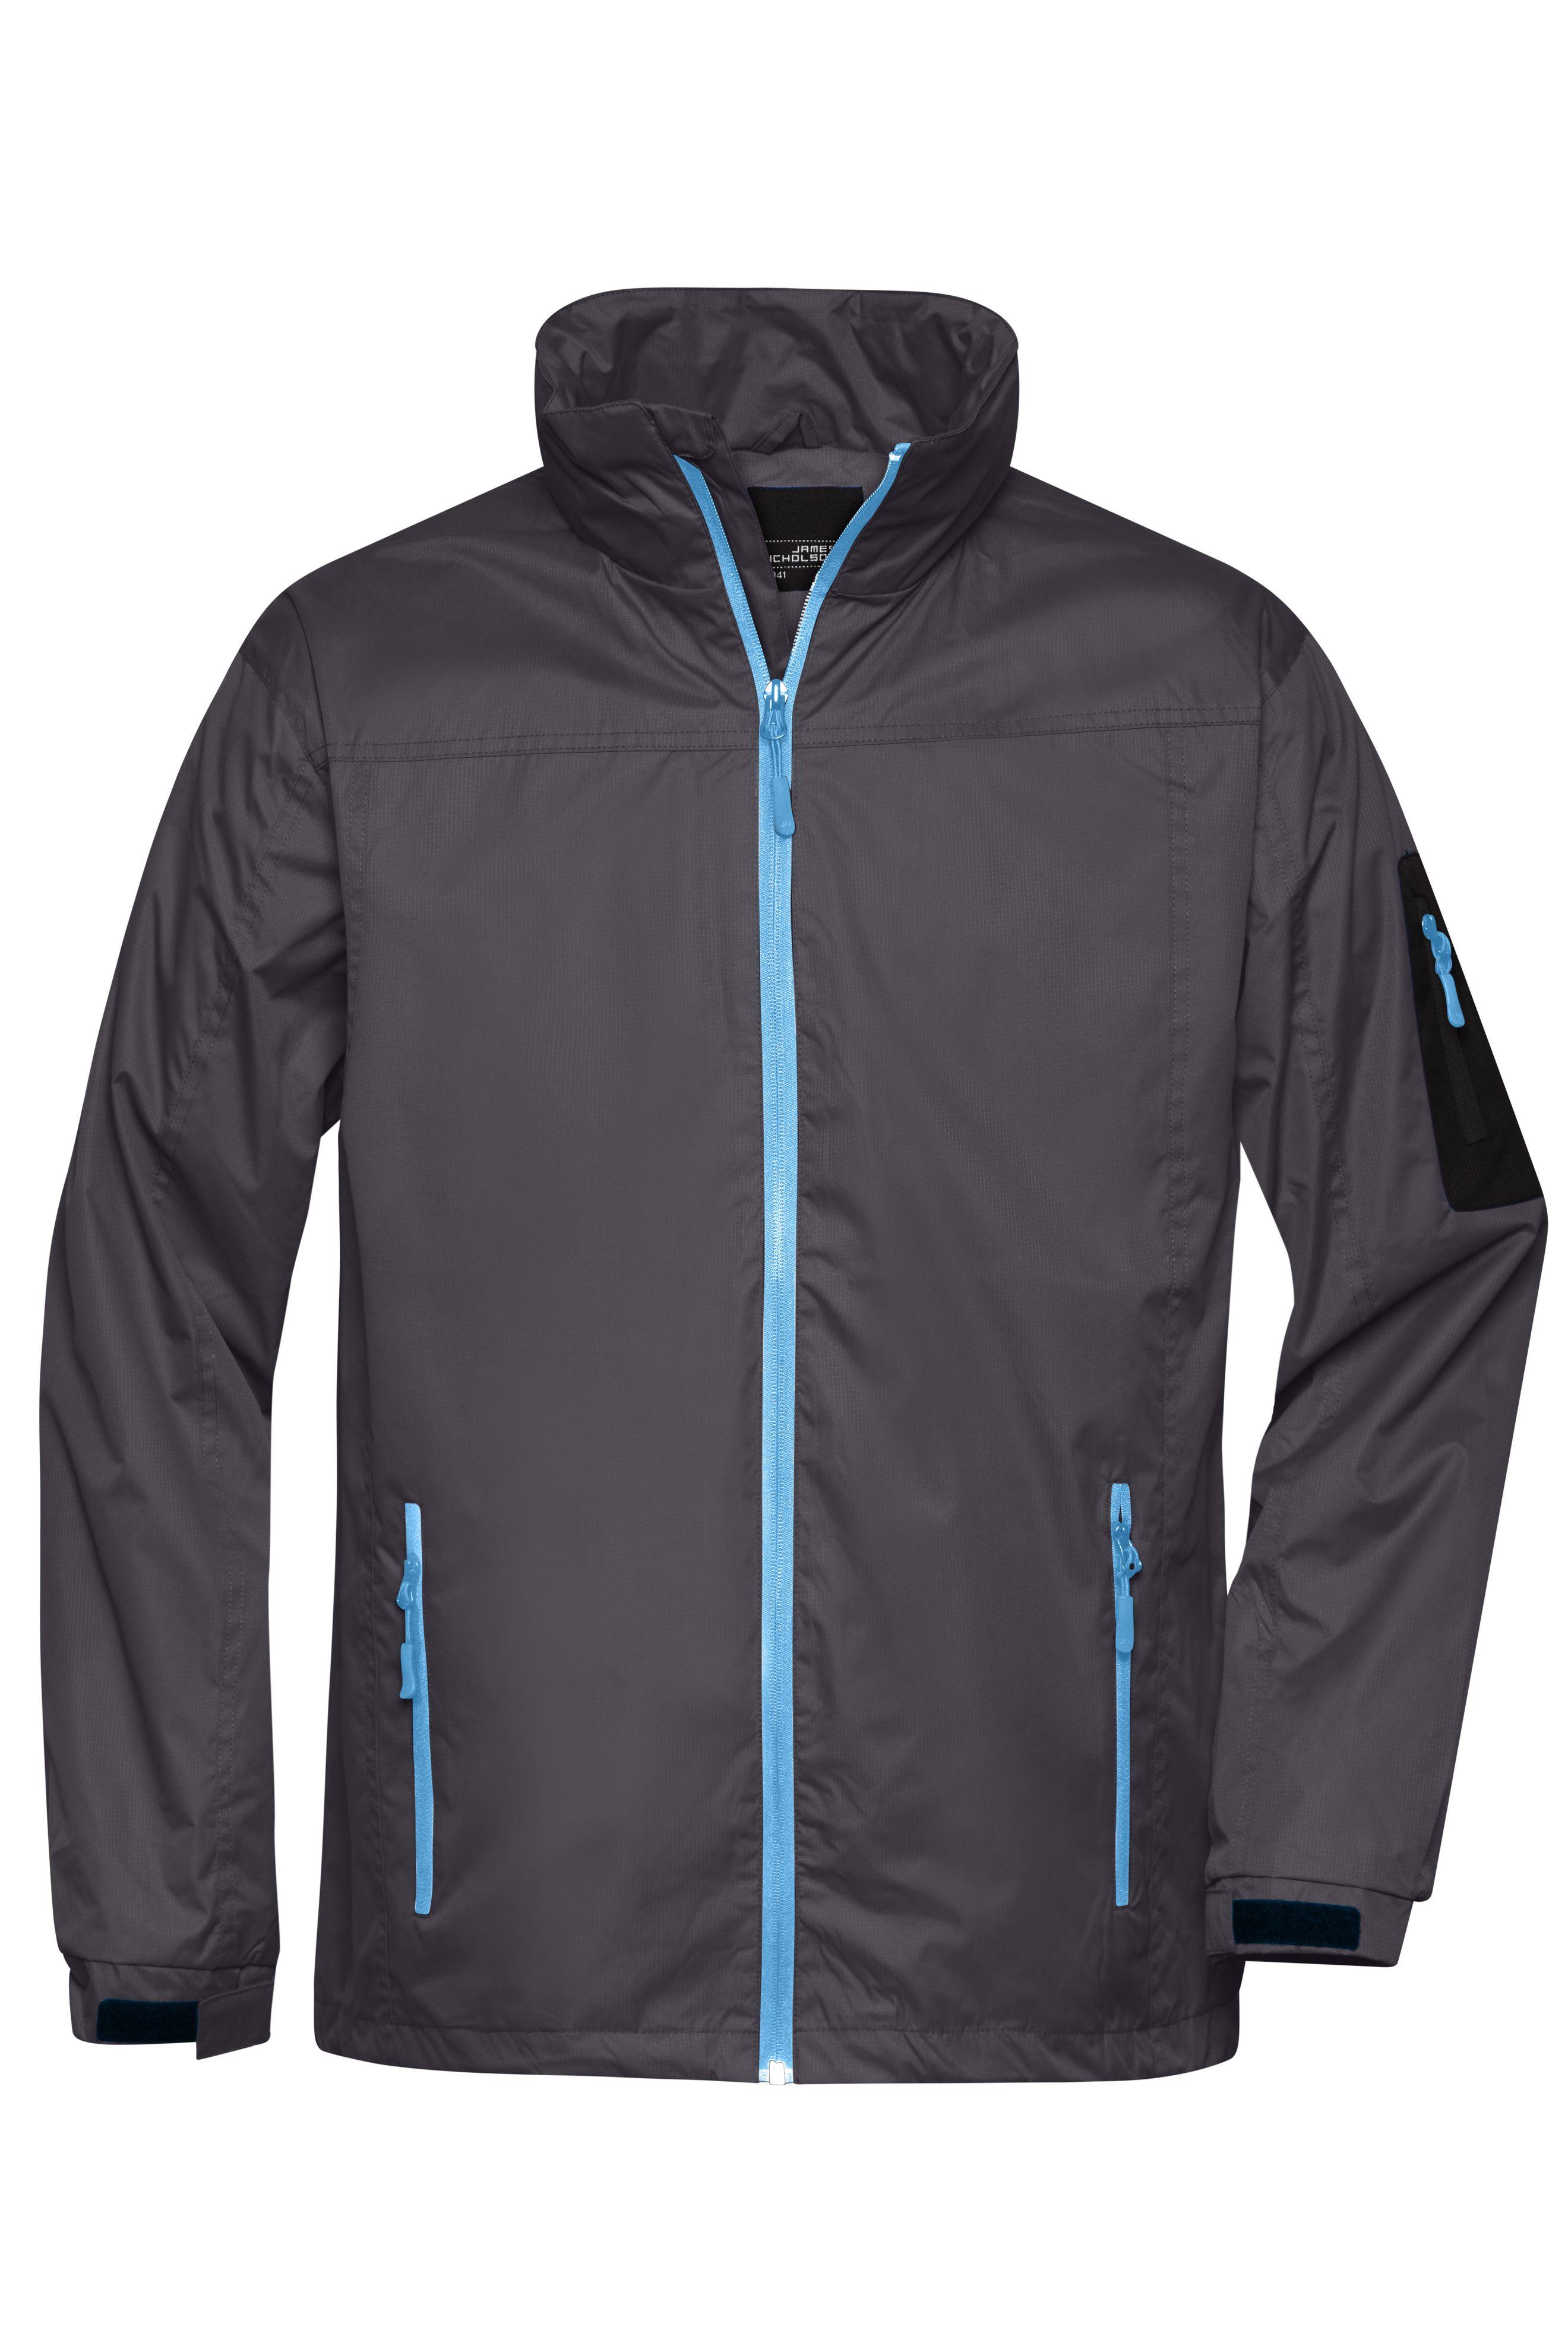 Sportliche, funktionelle Outdoor-Jacke